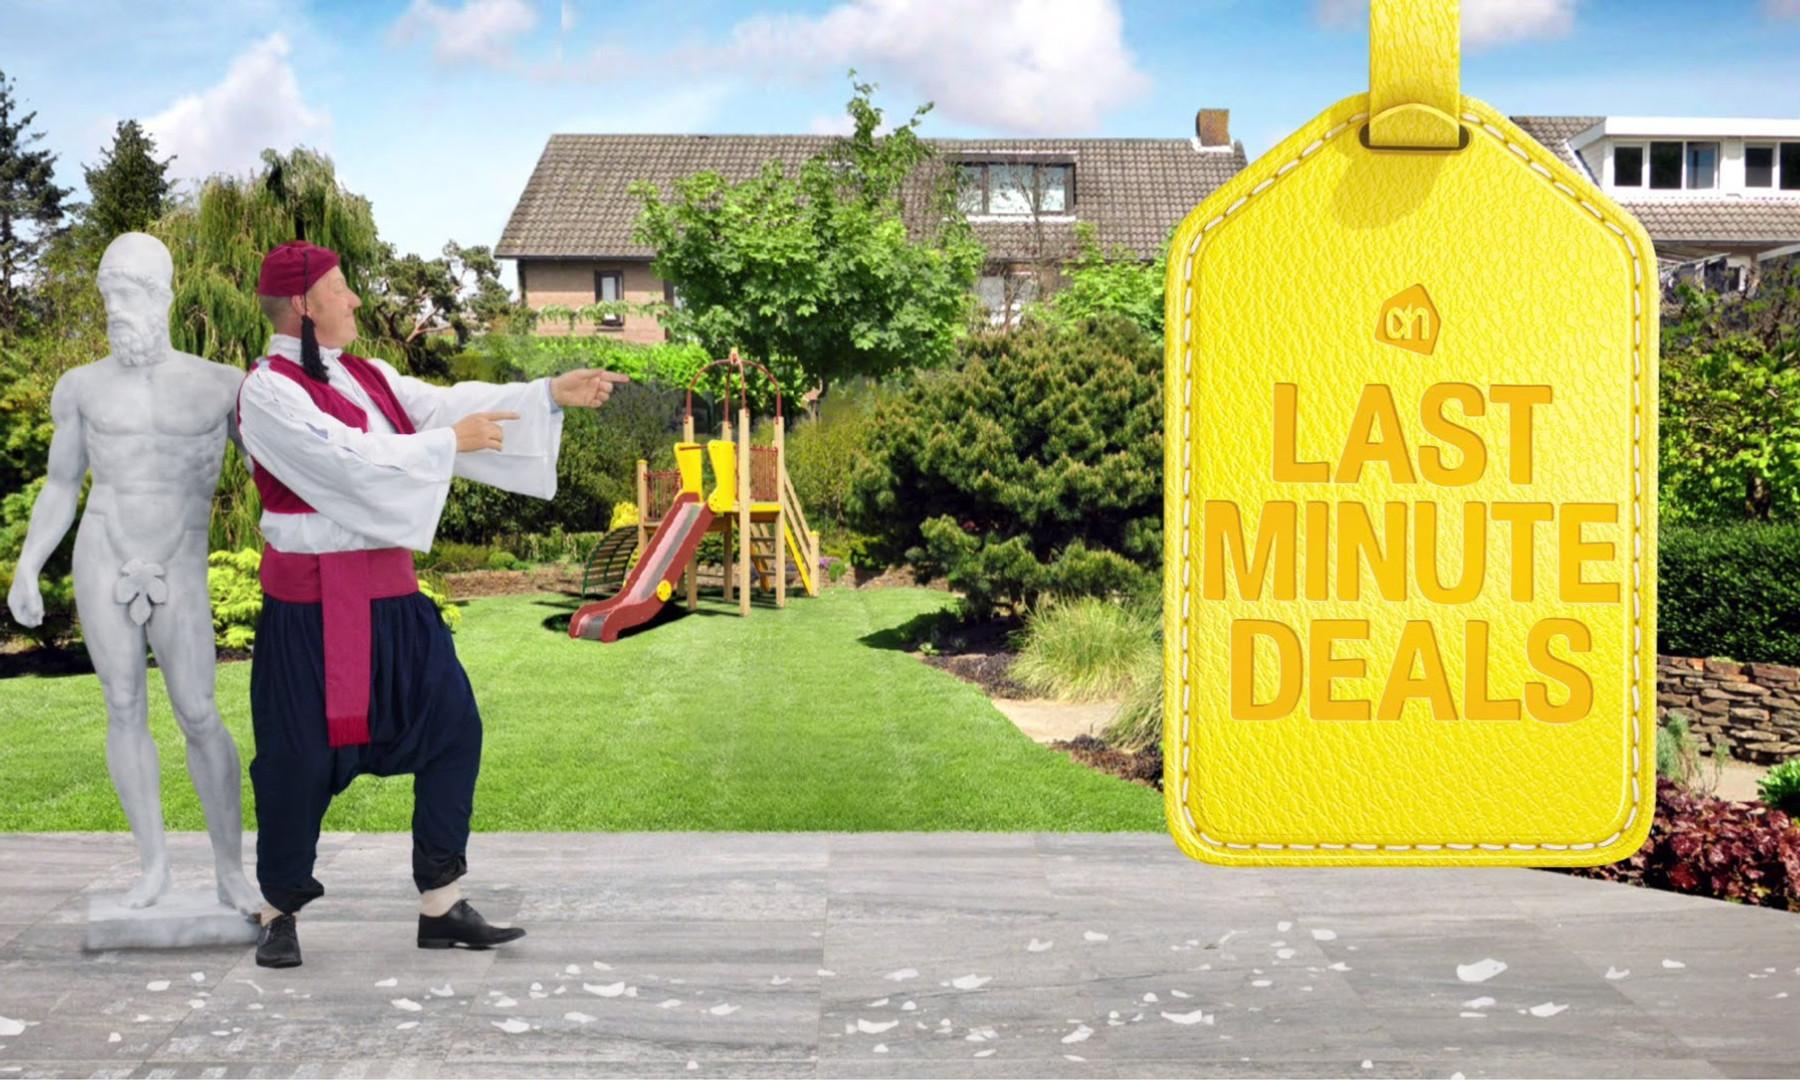 Last Minute deals 2013 Griekenland